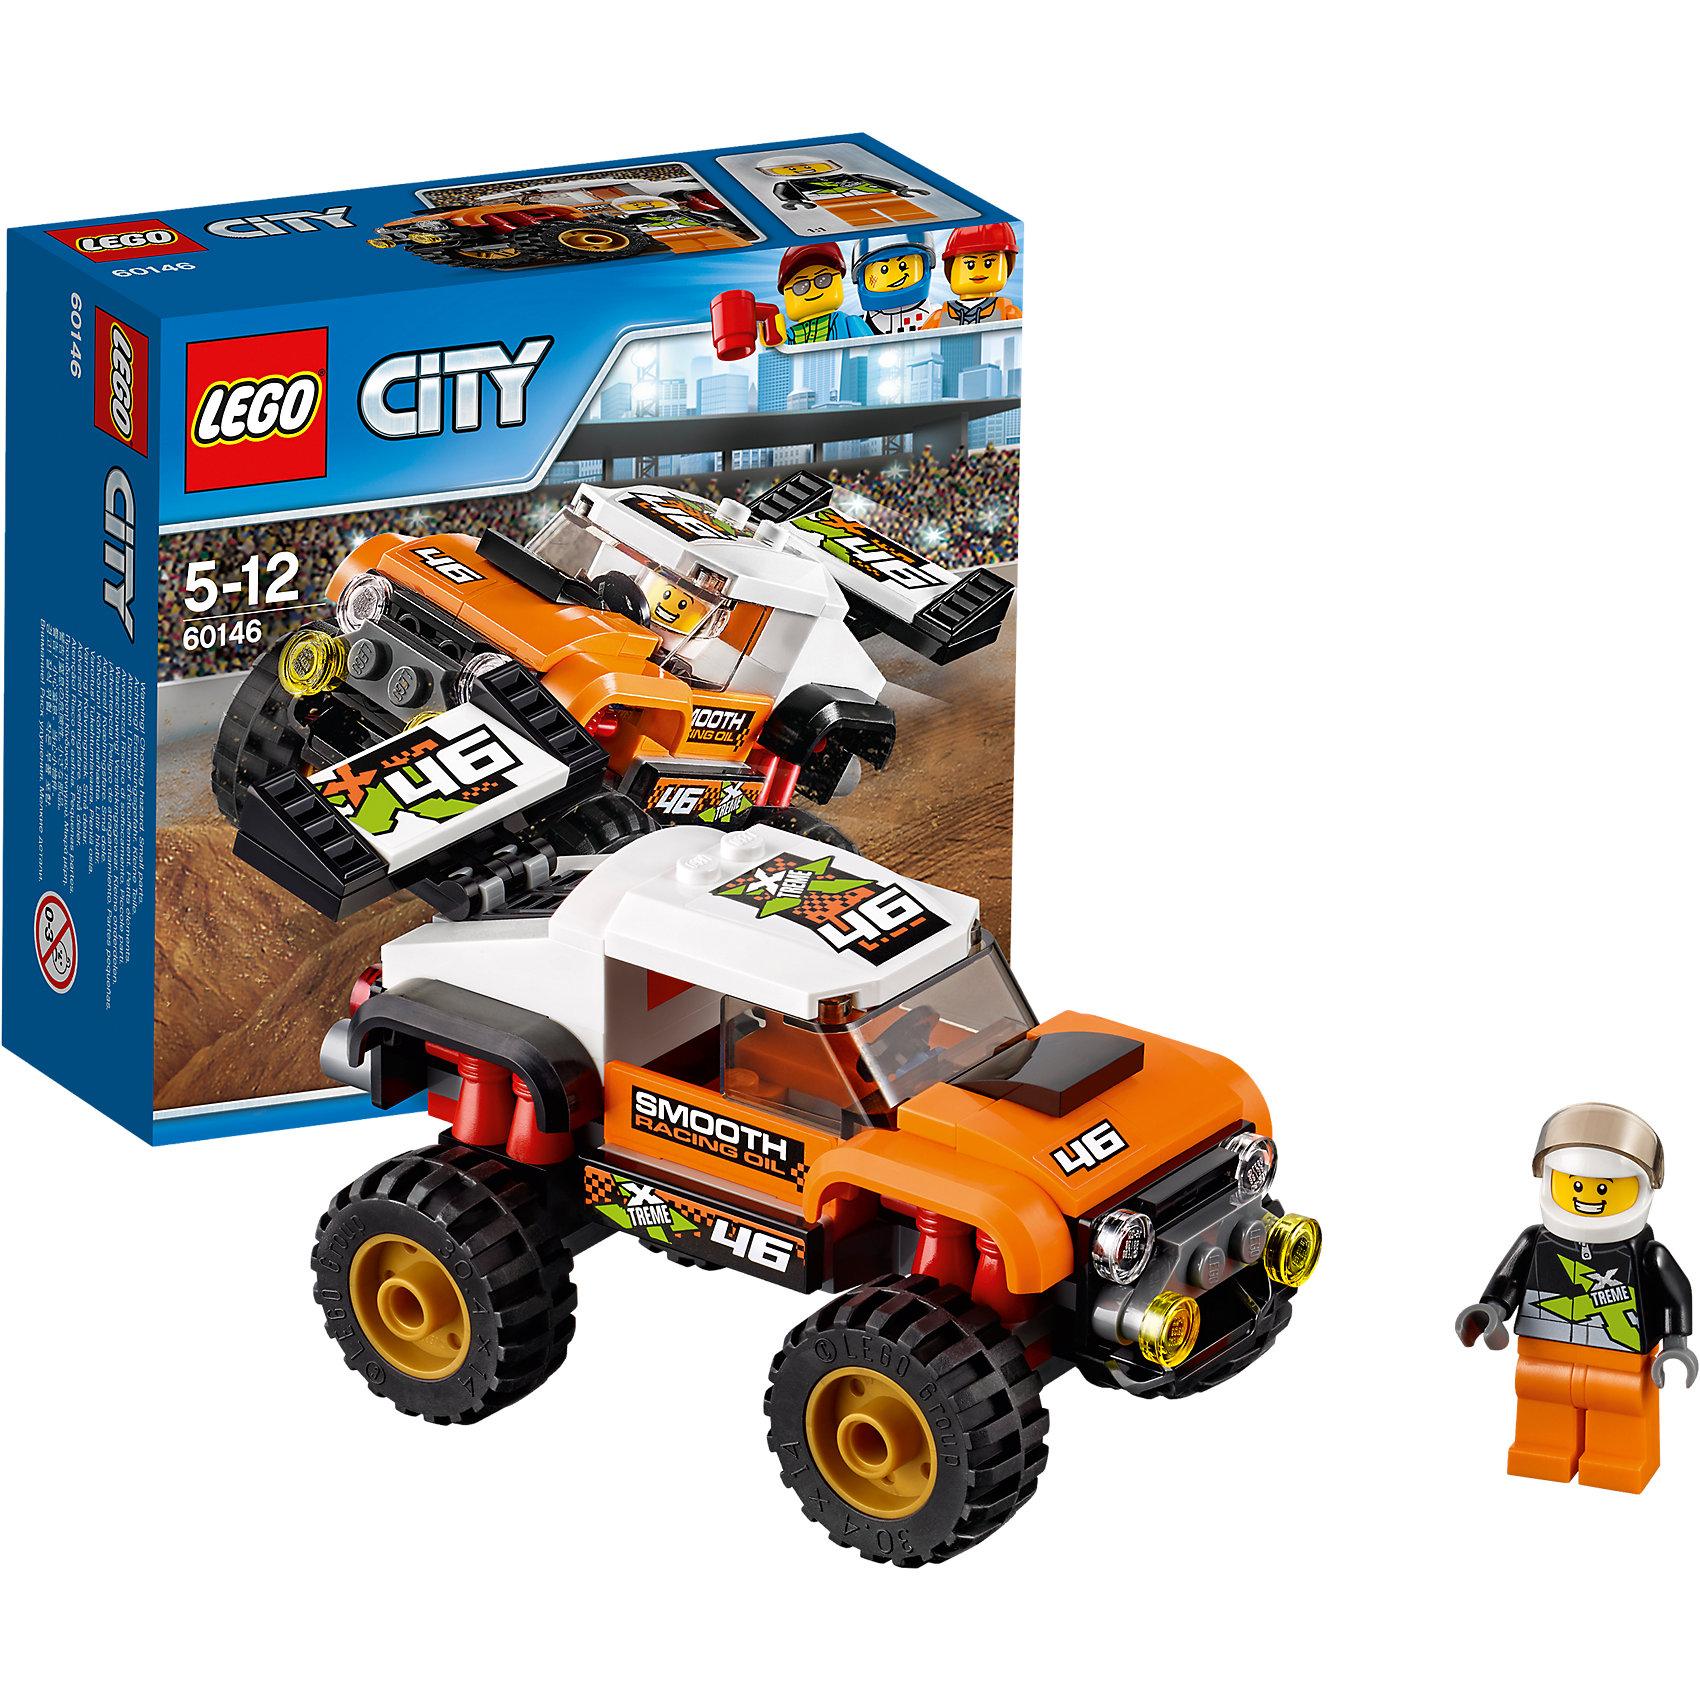 LEGO City 60146: Внедорожник каскадераLEGO City 60146: Внедорожник каскадера<br><br>Характеристики:<br><br>- в набор входит: детали внедорожника, наклейки для оформления, минифигурка, инструкция<br>- состав: пластик<br>- количество деталей: 91<br>- приблизительное время сборки: 20 минут<br>- размер коробки: 15 * 6 * 14 см.<br>- размер внедорожника: 12 * 6 * 6 см.<br>- для детей в возрасте: от 5 до 12 лет<br>- Страна производитель: Дания/Китай/Чехия<br><br>Легендарный конструктор LEGO (ЛЕГО) представляет серию «City» (Сити) в виде деталей жизни большого города, в котором есть абсолютно все. Серия делает игры еще более настоящими, благодаря отличным аксессуарам. Каскадерские трюки очень популярны в лего сити. Этот яркий внедорожник со спортивным дизайном побеждает на экстремальных соревнованиях каскадеров и участвует в популярных фильмах. Очень интересные детали крыши кабины, спойлера и выхлопной трубы выделяют внедорожник этого набора. Датели отлично смотрятся как на этой модели, так и на будущих самодельных вариантах средств передвижения. Кабина водителя защищена прочными стеклами. Сам каскадер отлично детализирован и качественно прорисован. Его оранжево-черный костюм отлично сочетается со шлемом безопасности. Стекло шлема поднимается и опускается, а сам шлем можно снимать. Этот интересный набор отлично подойдет как новичкам Лего, так и преданным фанатам и коллекционерам серии. Моделируй разные истории и ситуации в Лего Сити, а в процессе игры развивай творческие способности и претворяй свои идеи в жизнь.<br><br>Конструктор LEGO City 60146: Внедорожник каскадера можно купить в нашем интернет-магазине.<br><br>Ширина мм: 157<br>Глубина мм: 61<br>Высота мм: 141<br>Вес г: 172<br>Возраст от месяцев: 60<br>Возраст до месяцев: 144<br>Пол: Мужской<br>Возраст: Детский<br>SKU: 5002462